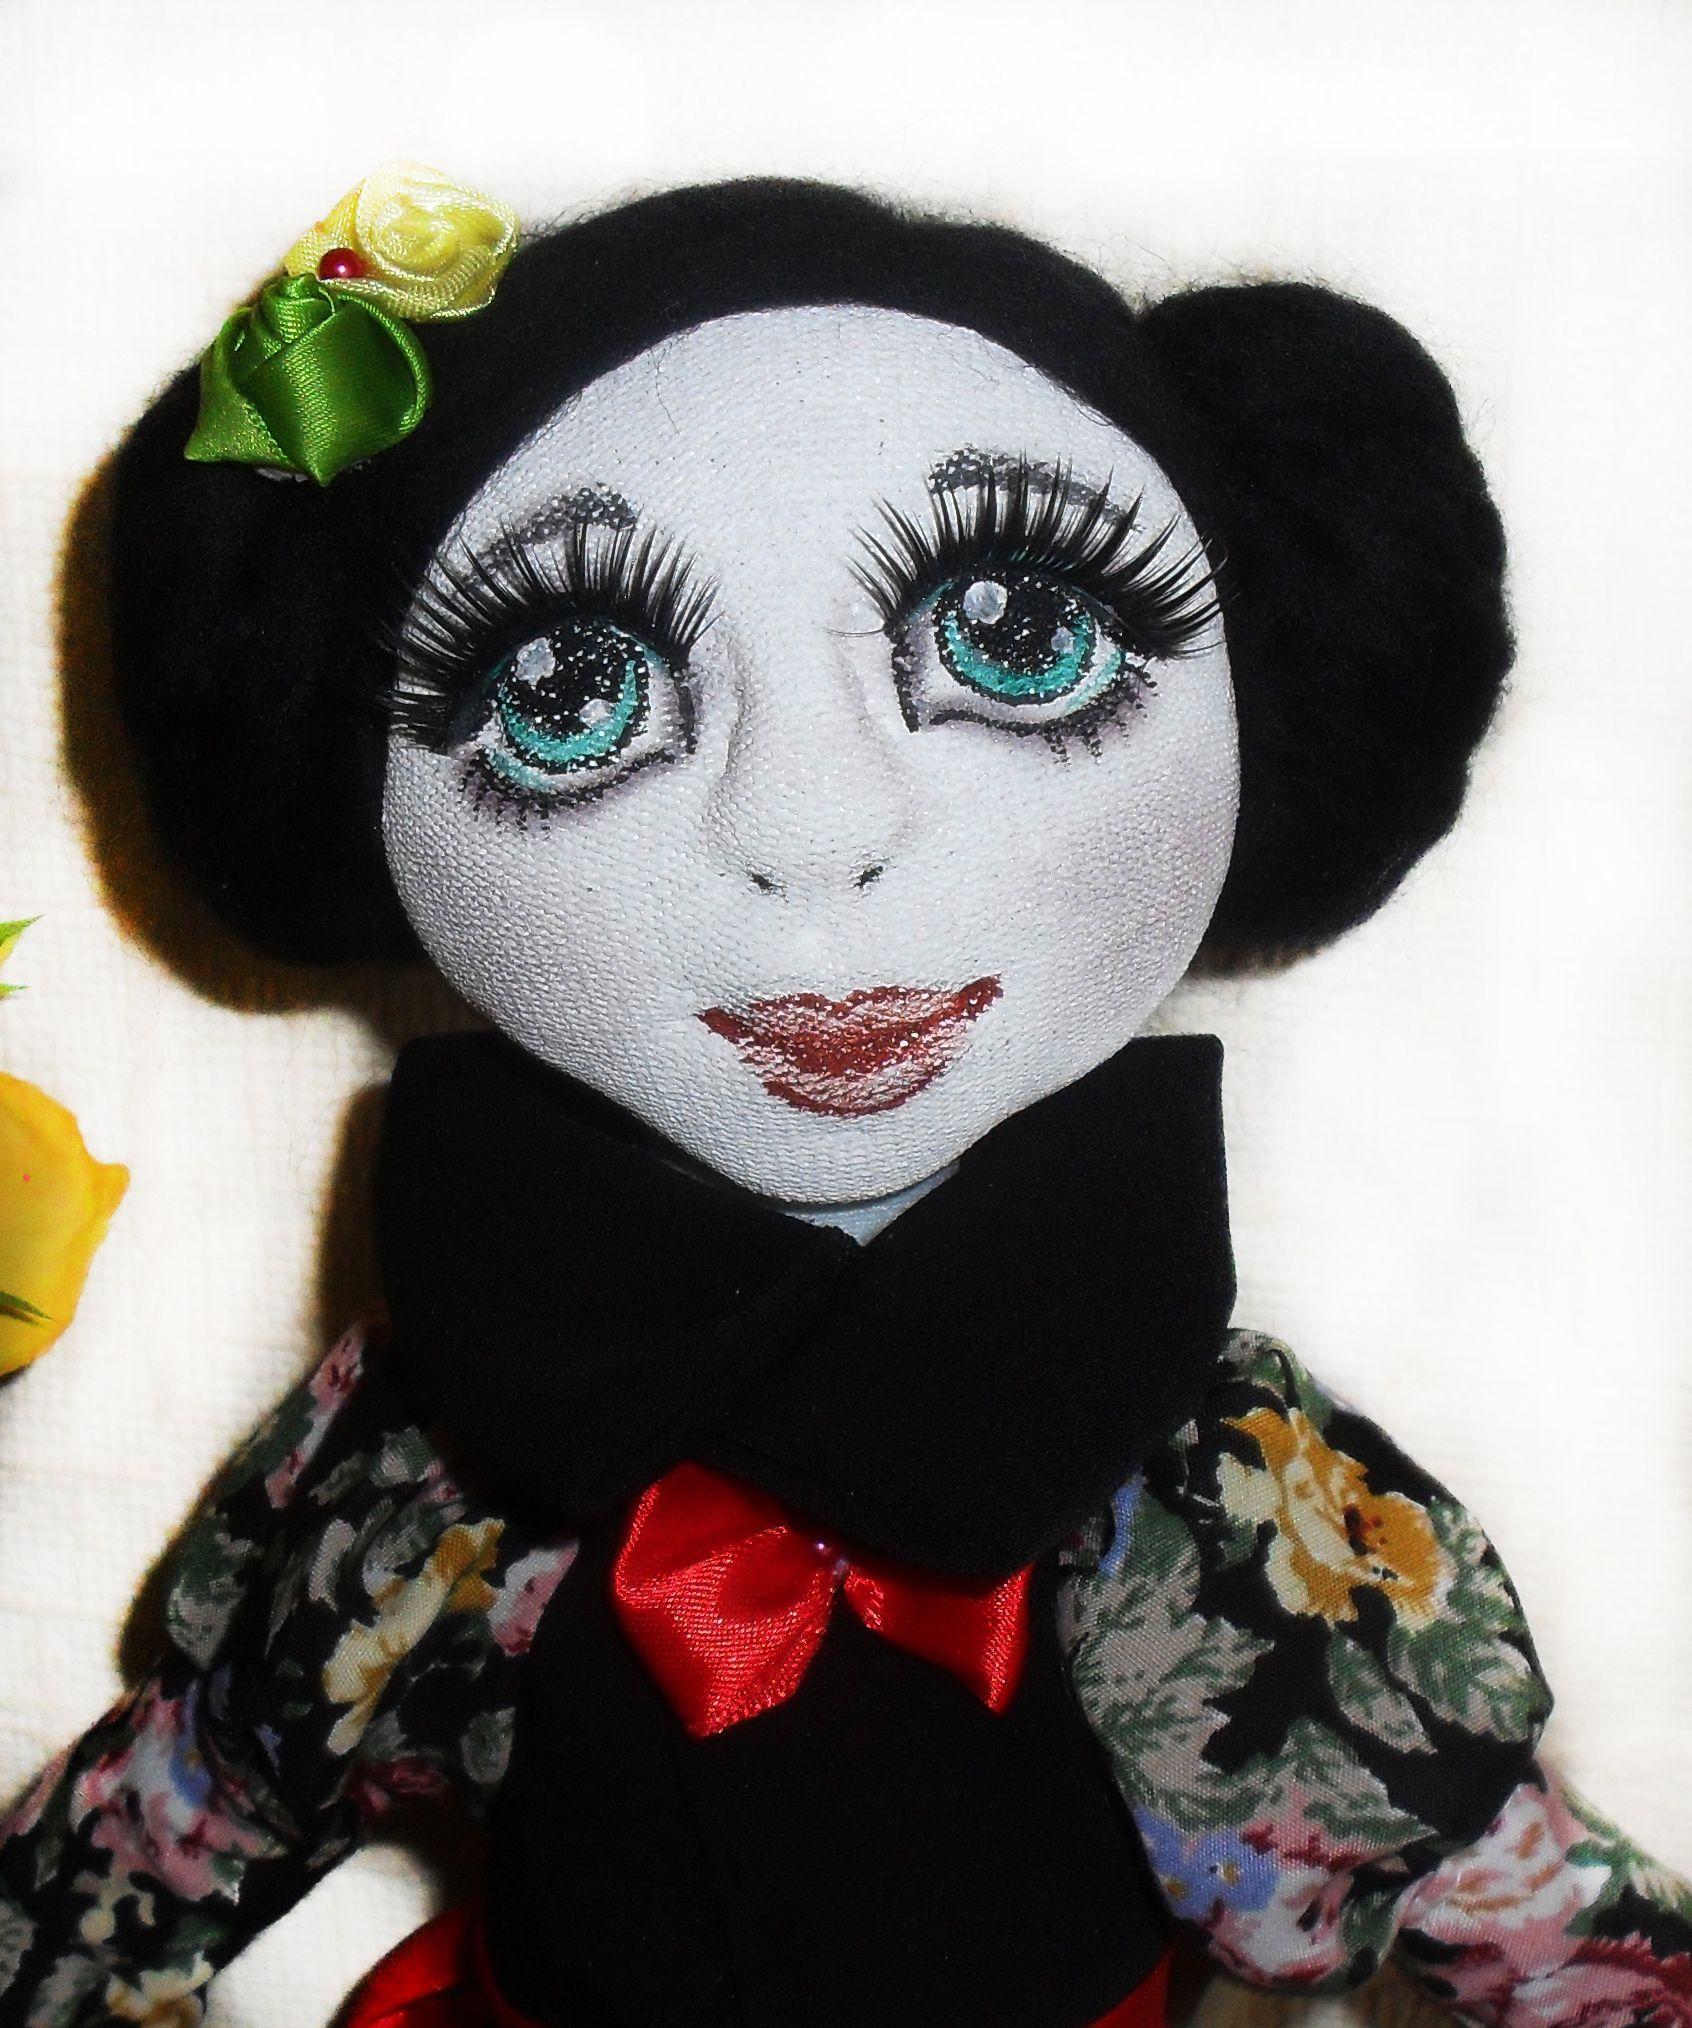 объемное большая лицо кукла ручная работа текстильная подарок